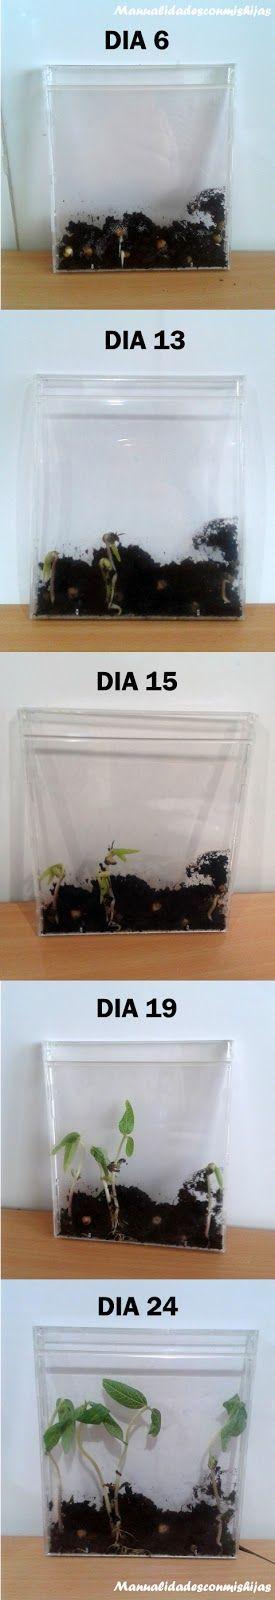 Manualidades con mis hijas: Germinación de plantas en CDS